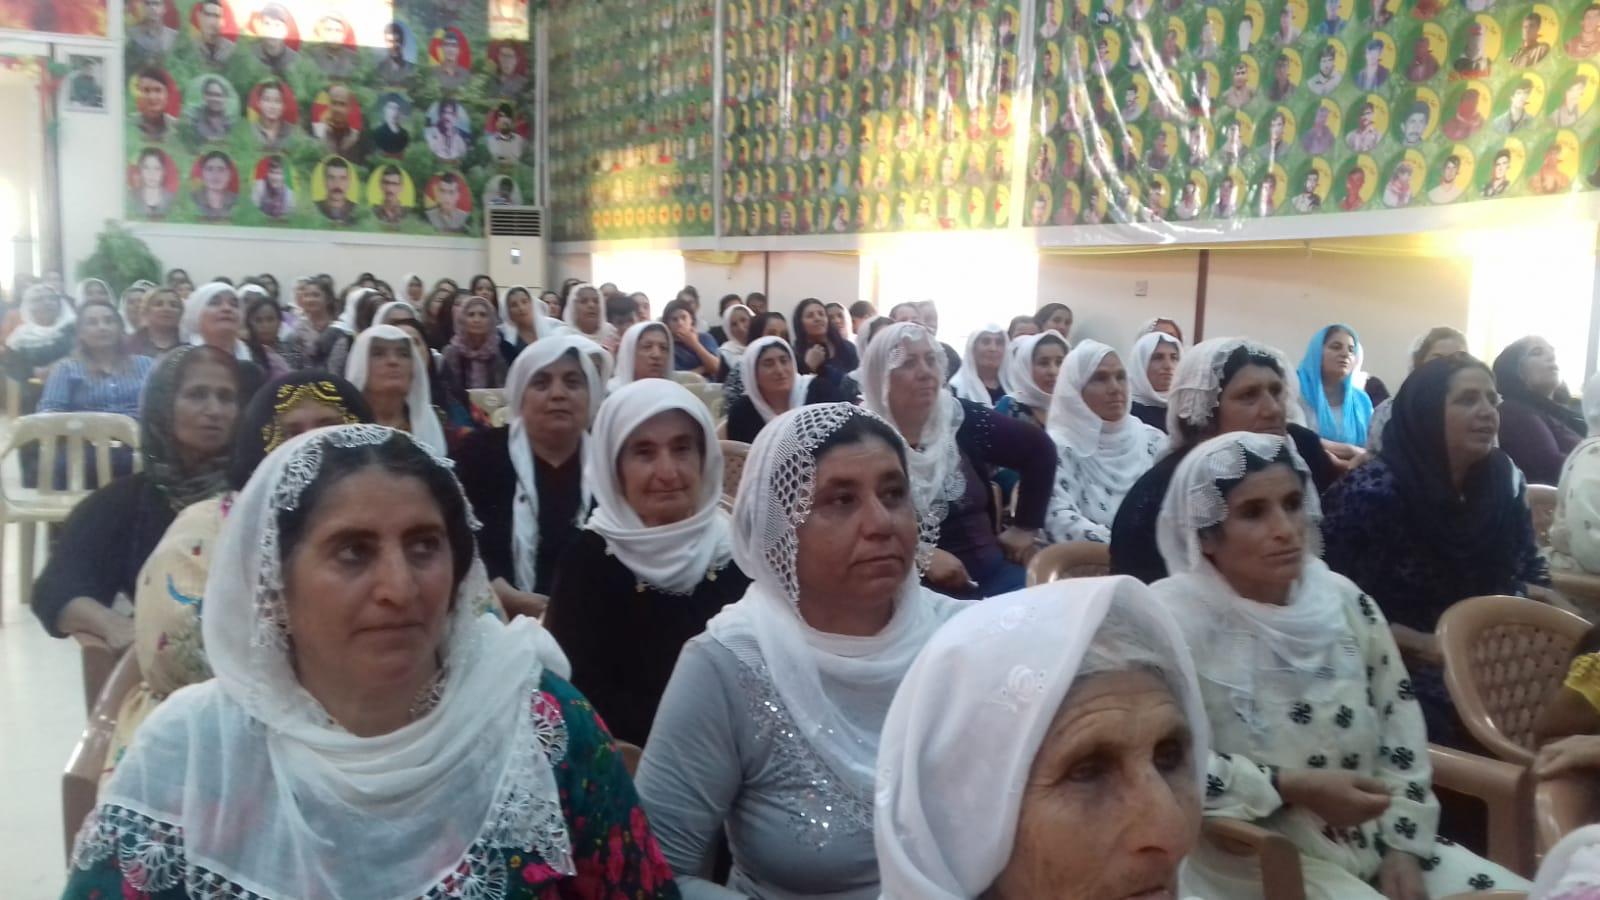 Incontro con le tante mamme o sorelle dei tanti martiri kurdi ammazzati dai cattivi turchi e altri. Terribile le pareti piene delle foto